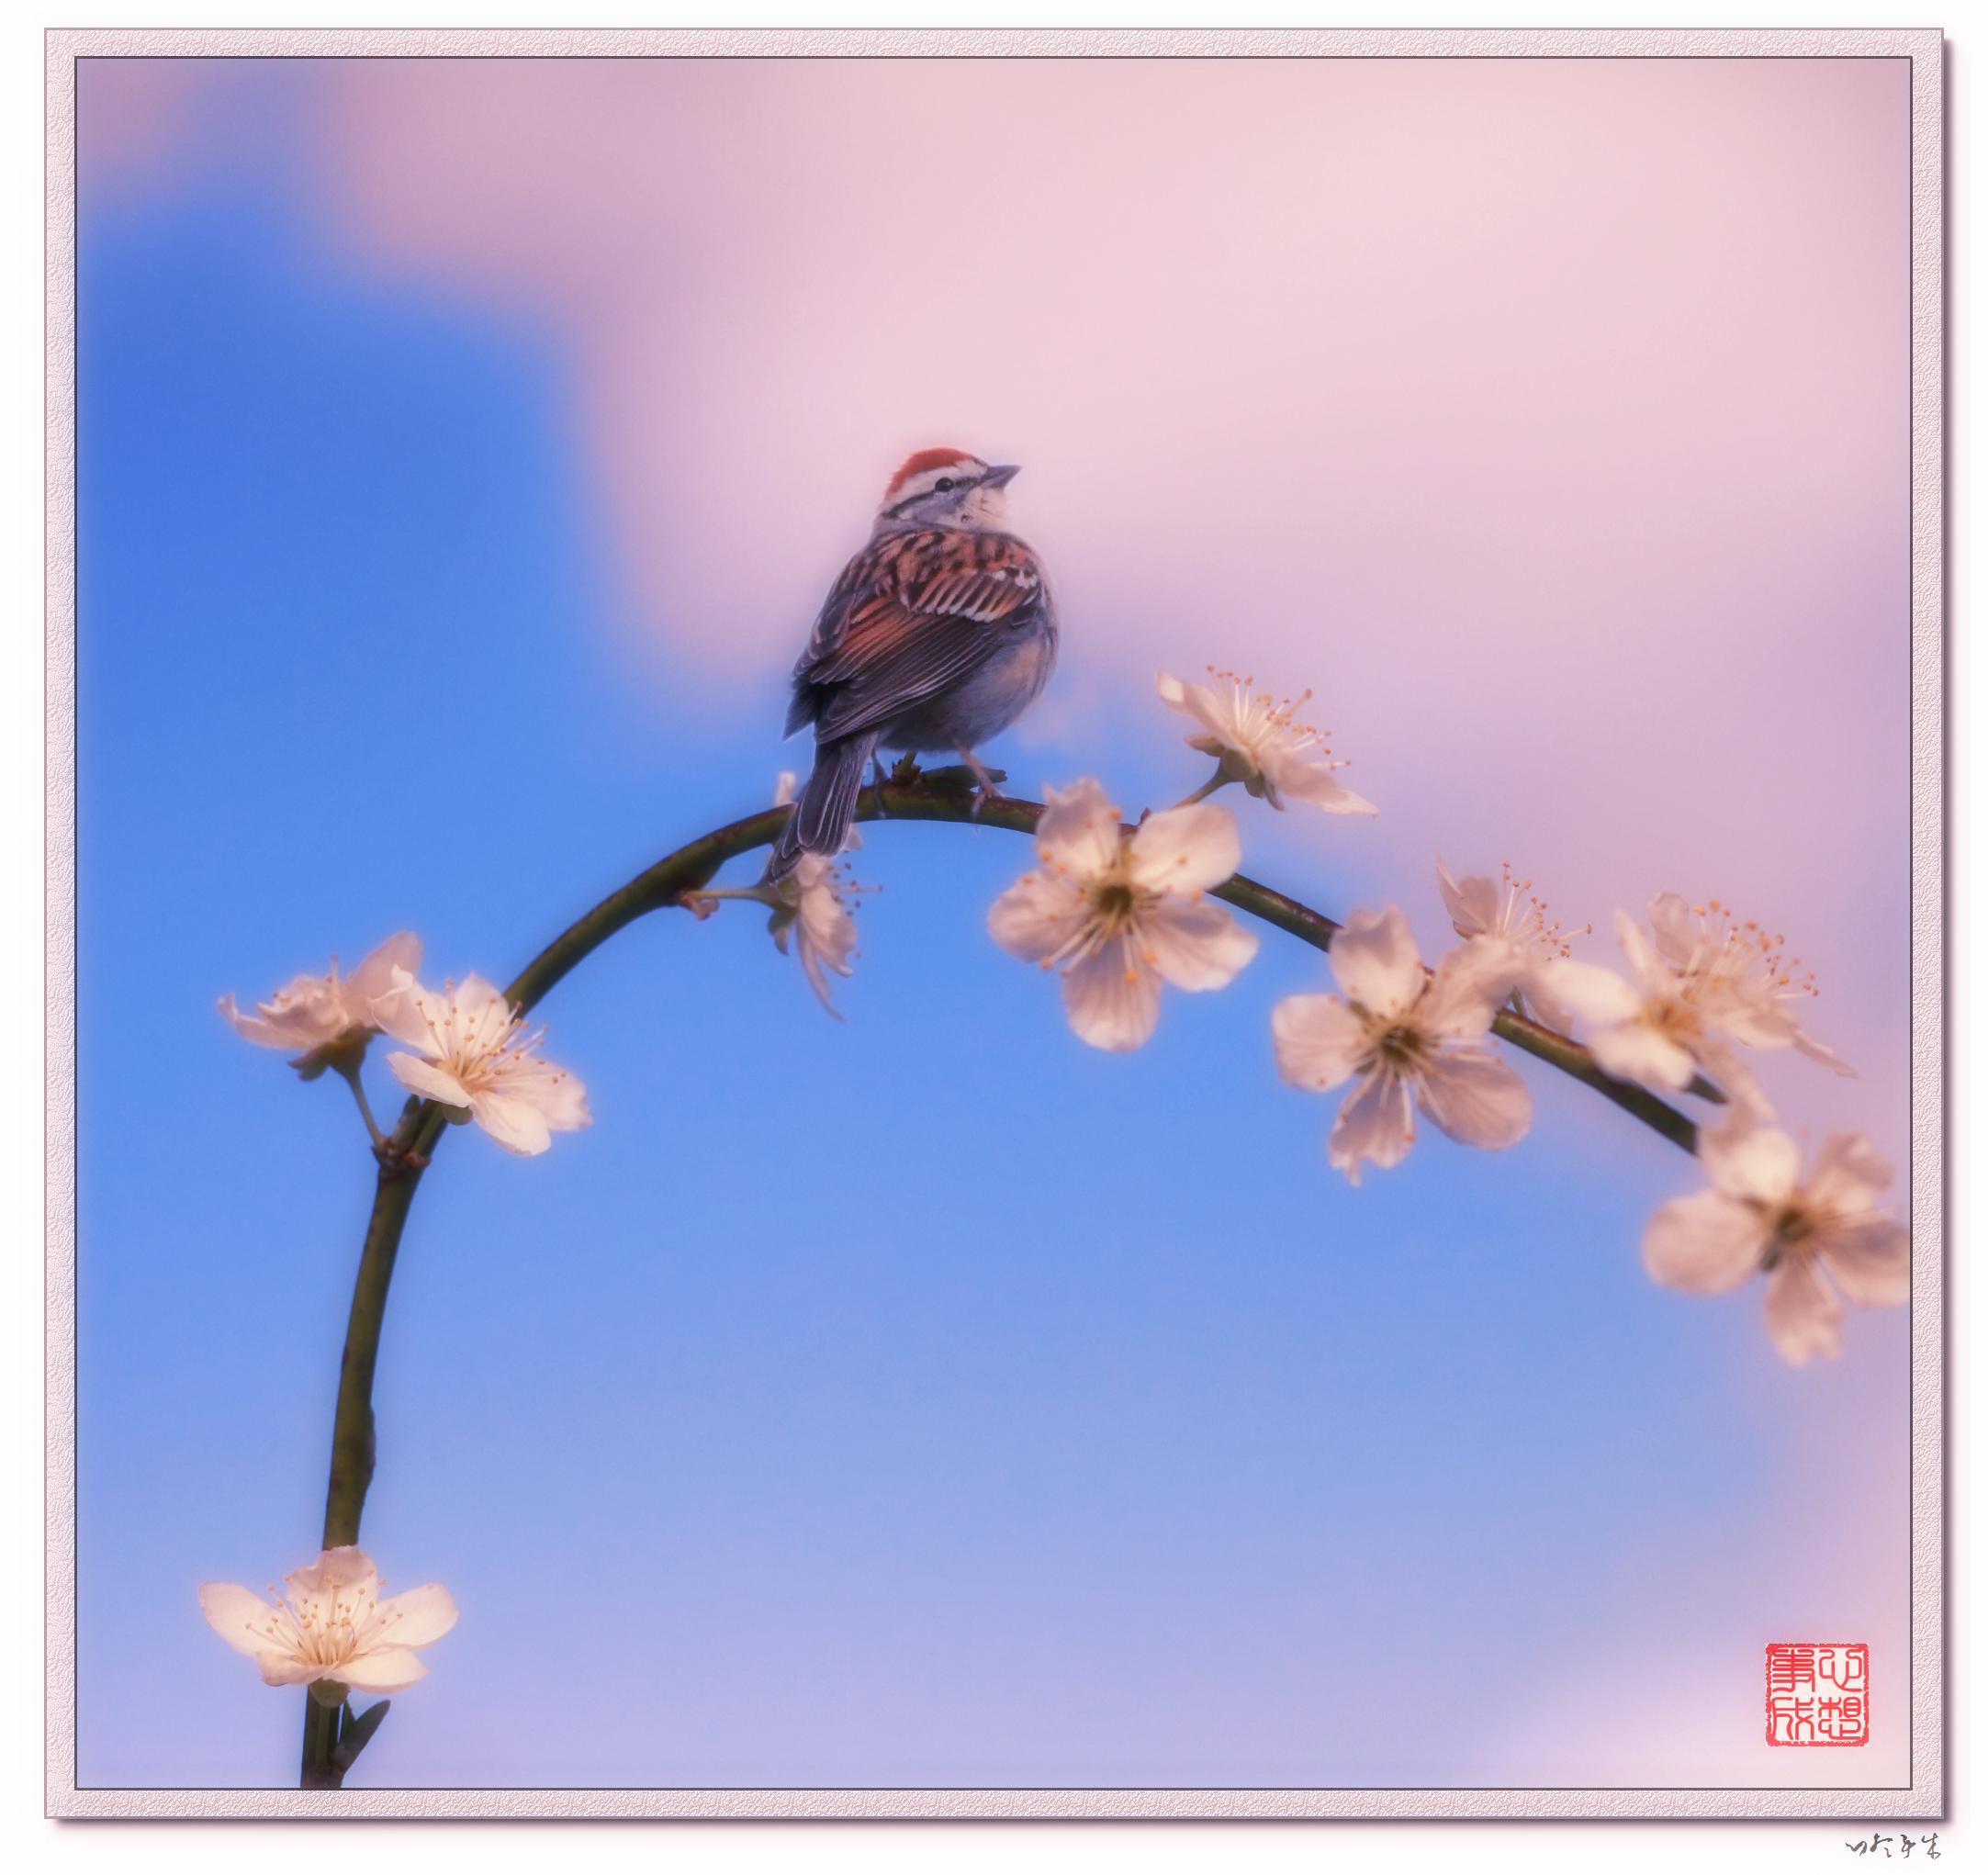 【心想事成】鸟语花香-PS合成的原创片_图1-6